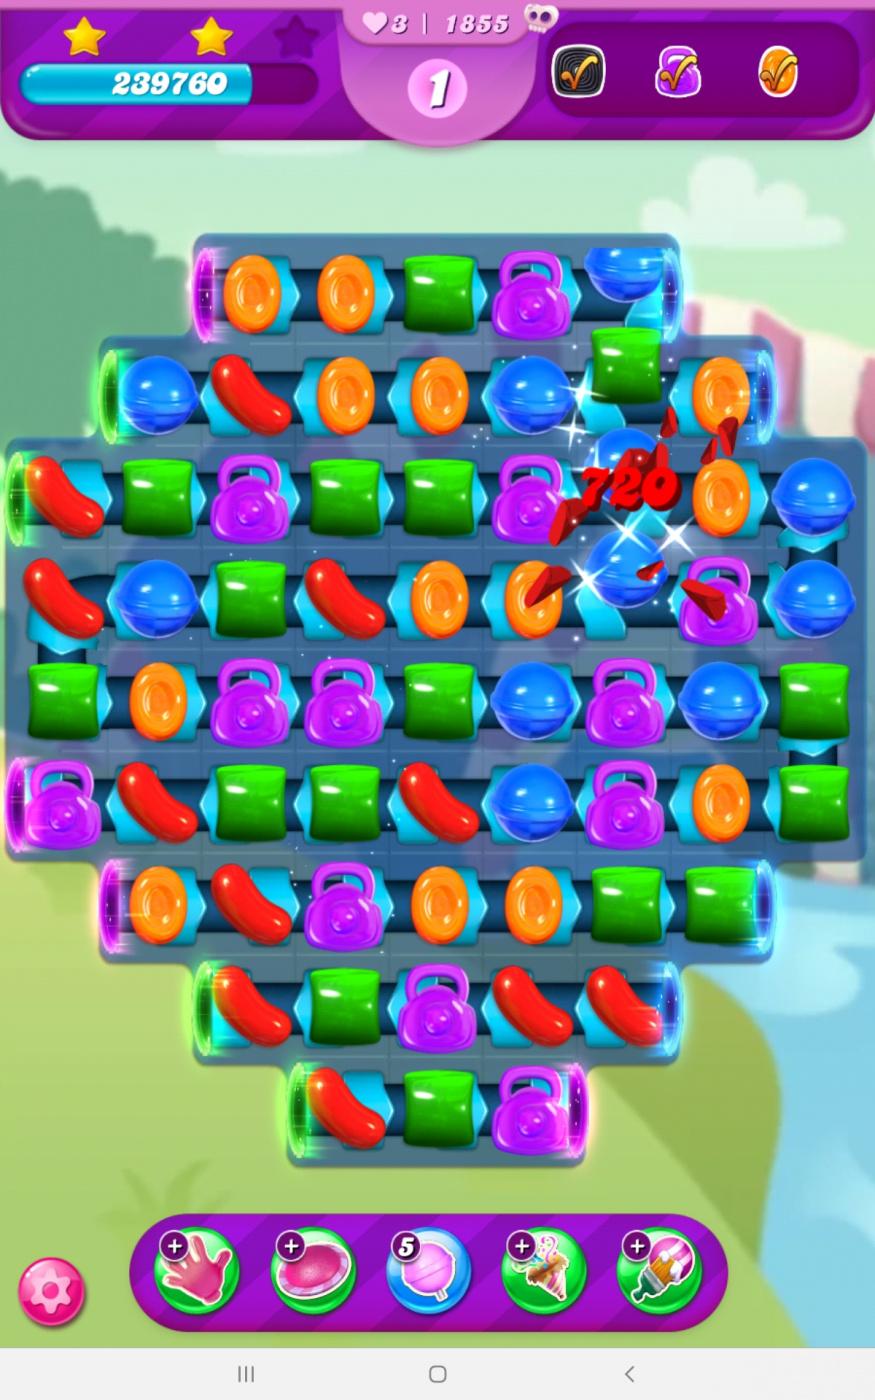 Screenshot_20210730-155305_Candy Crush Saga.jpg